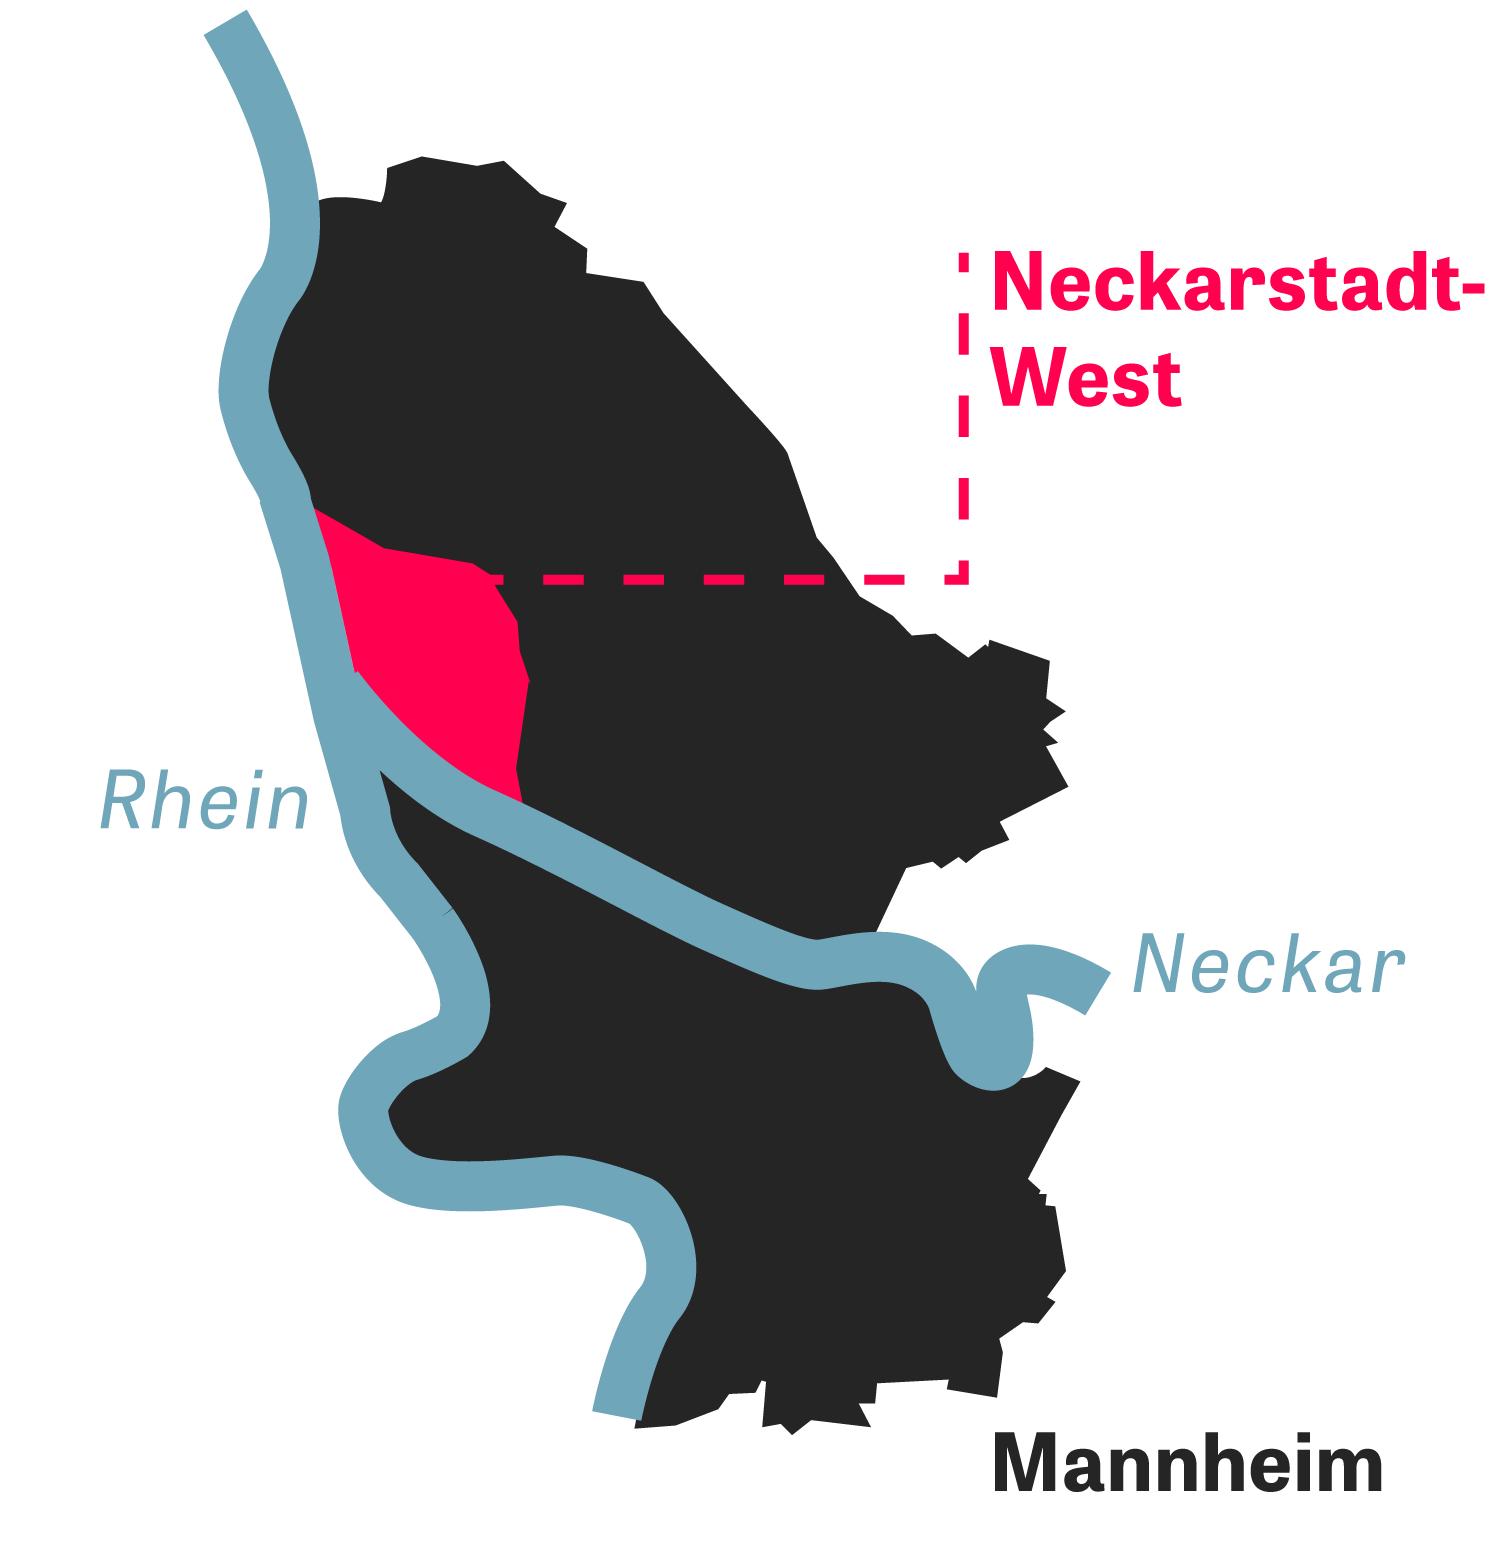 Stadtentwicklung: Neckarstadt-West in Mannheim ist für die Stadtplaner zur Herausfodrung geworden